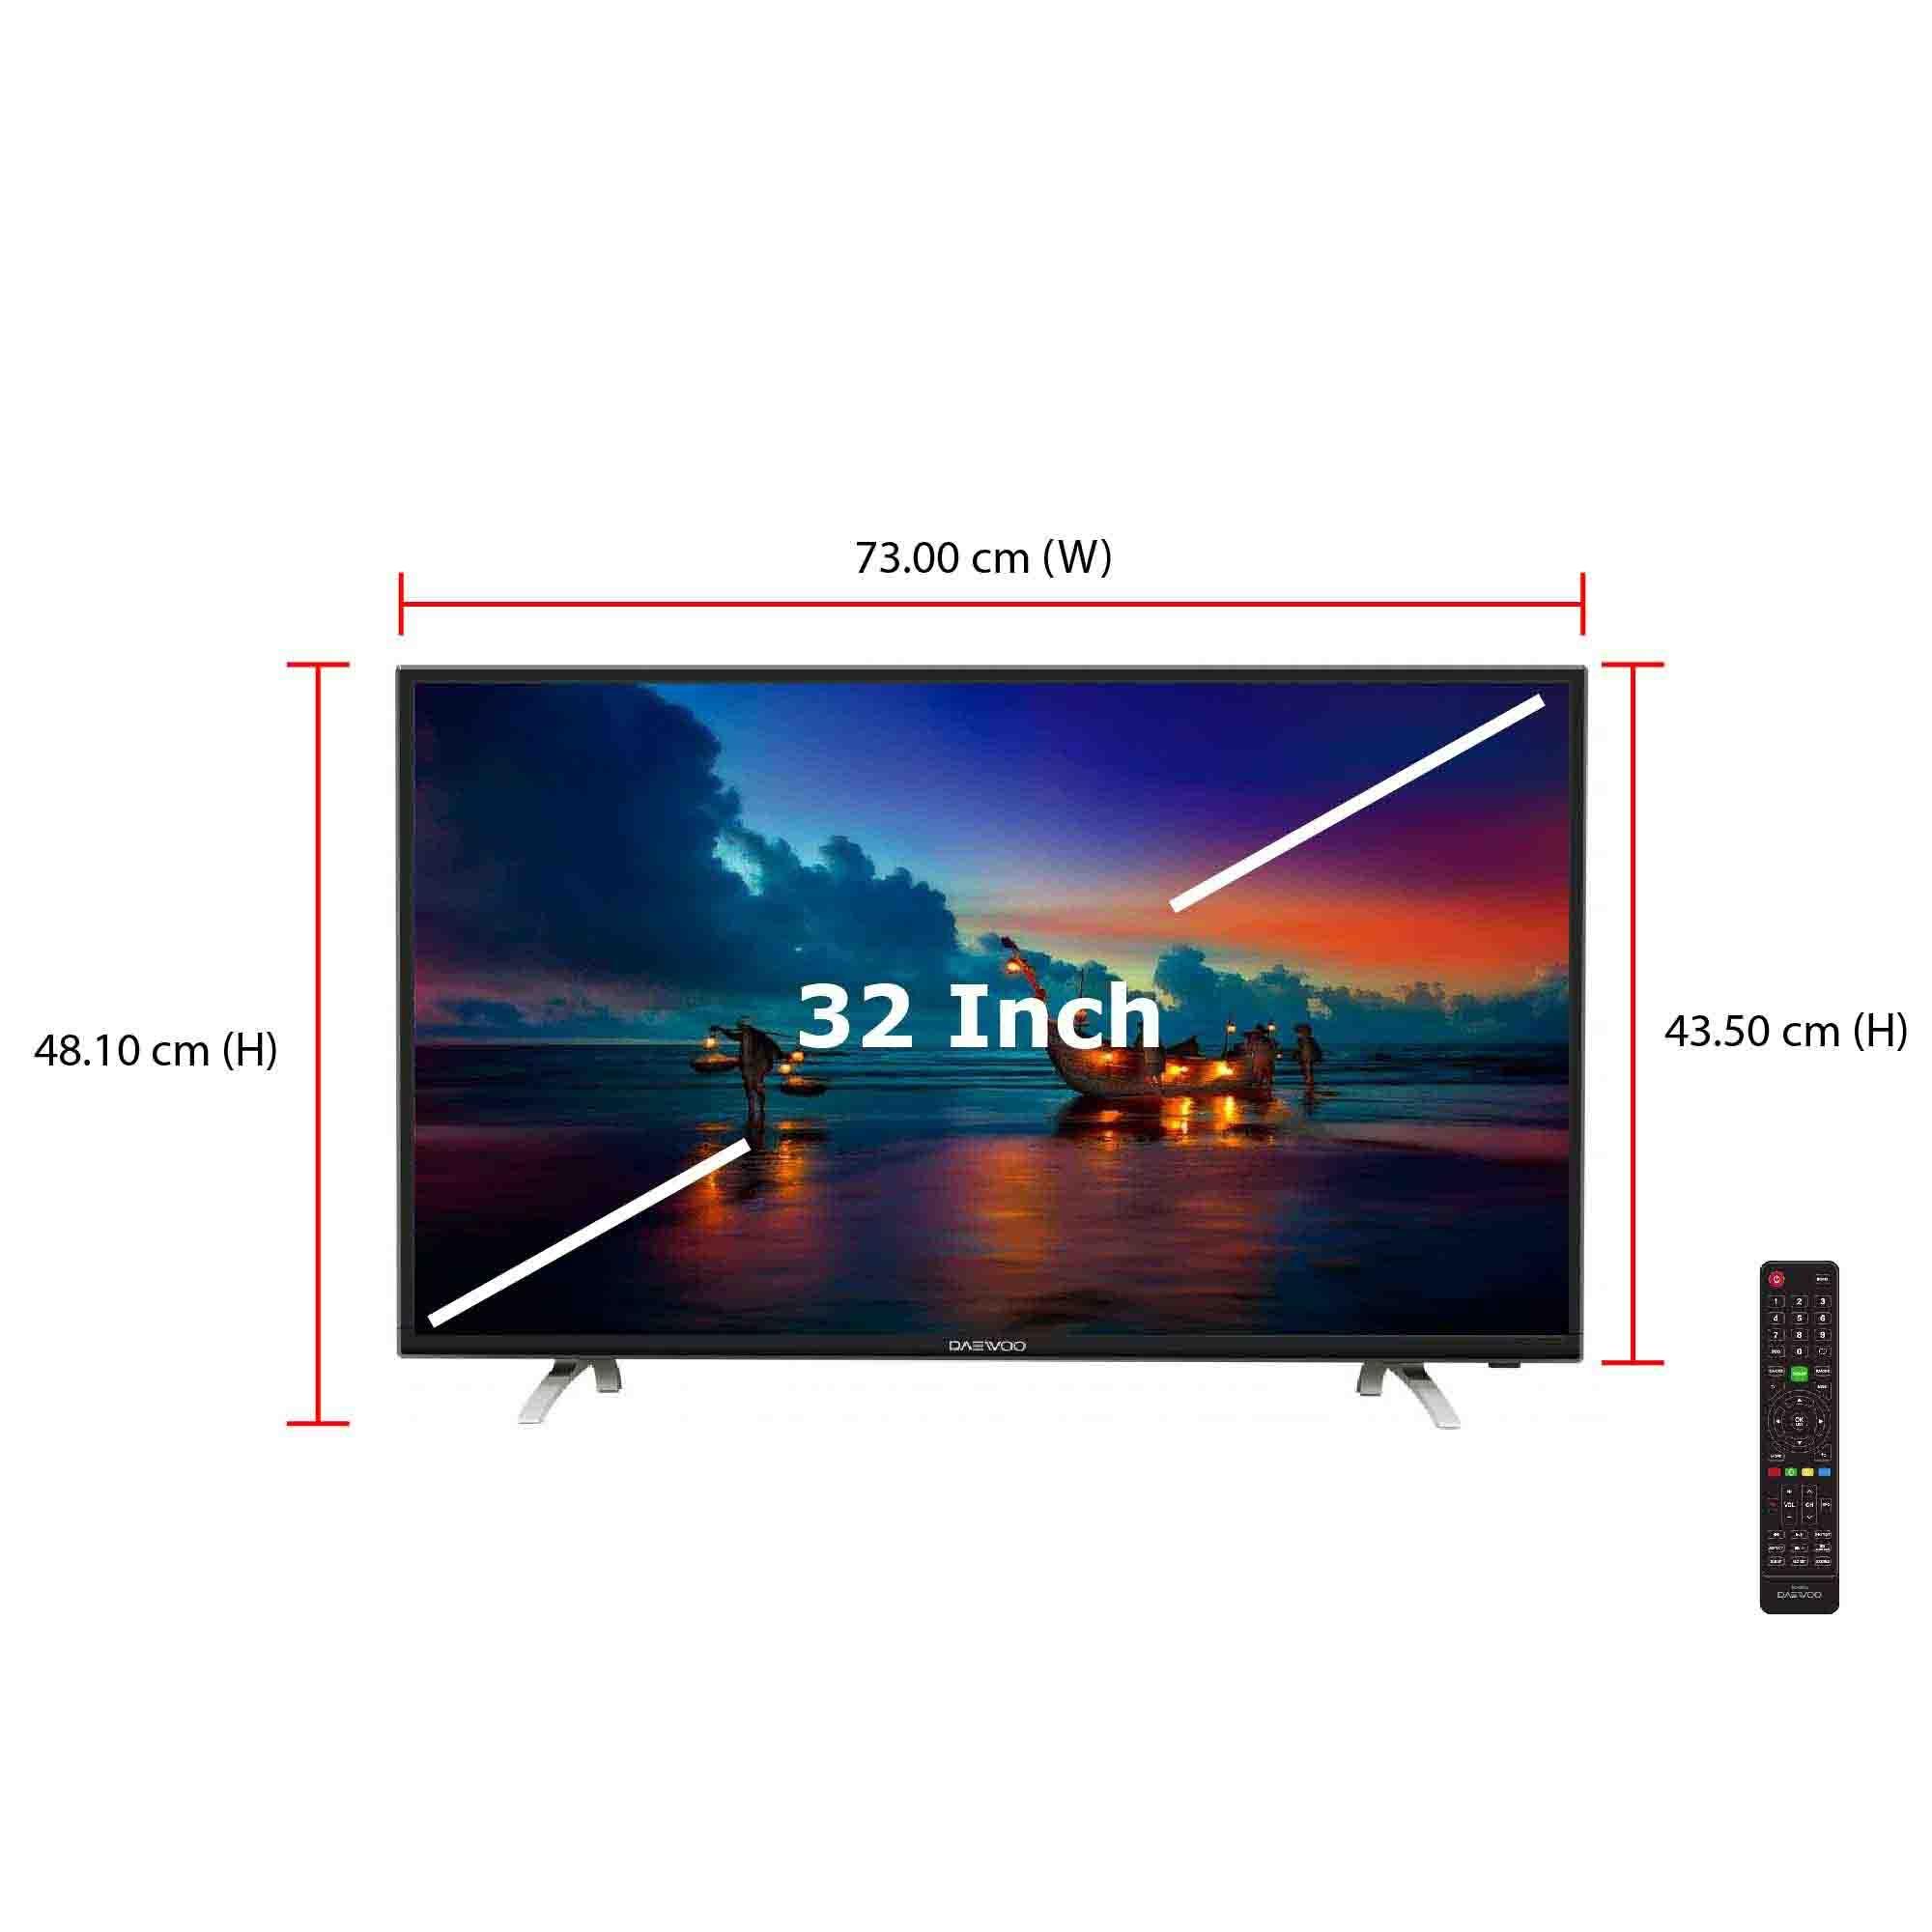 Daewoo TV L32S790VNA (32 Inch) 3 HDMI. ‹ ›